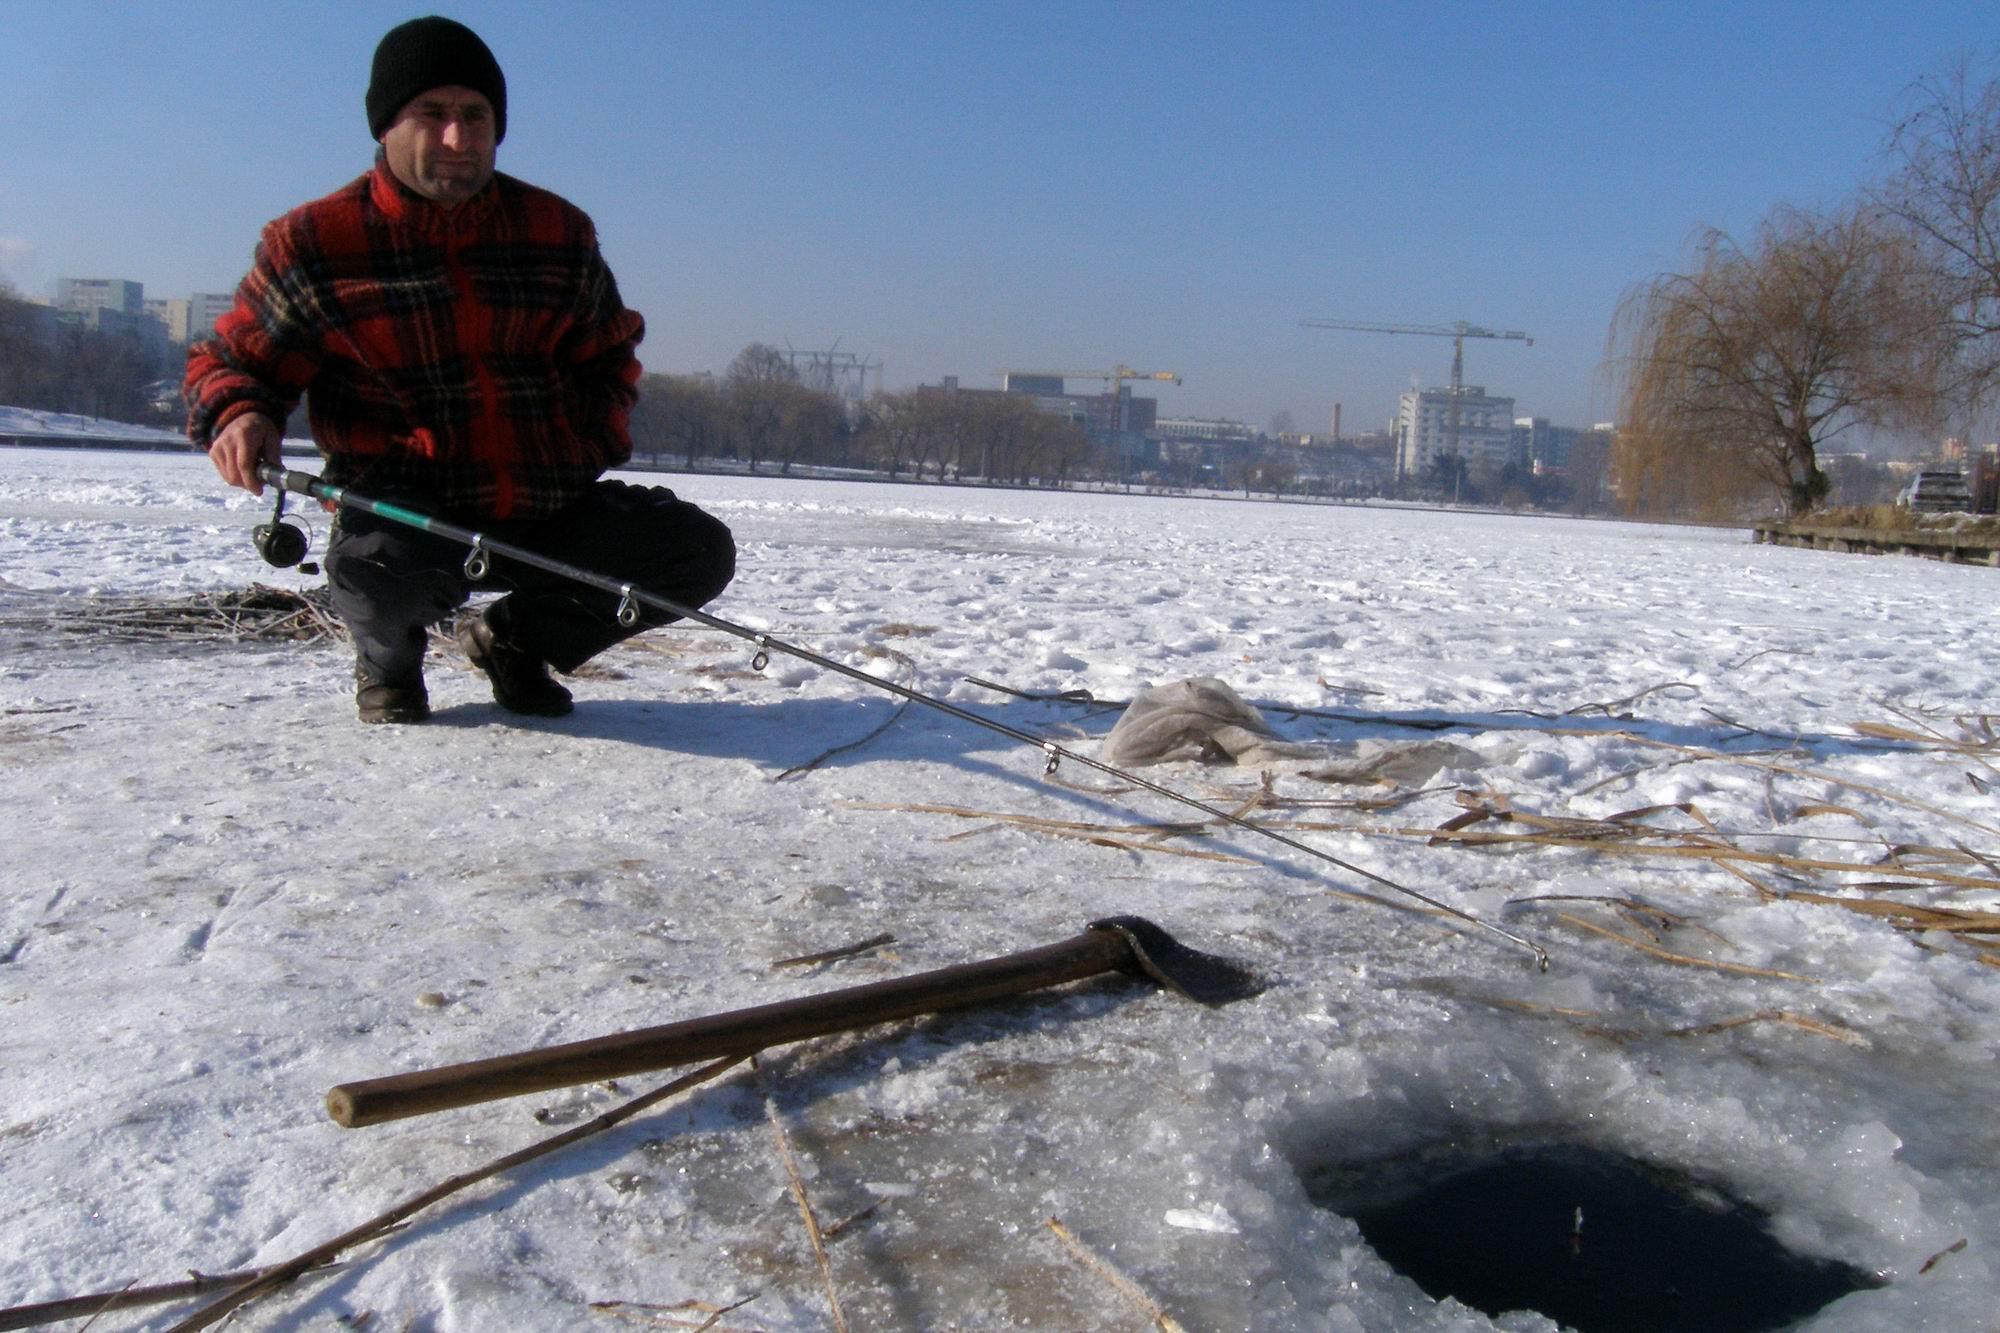 Uni pescar clujean pescuieste la copca, miercuri 25.01.2006,  in gheata groasa de peste 20cm, pe un lac din cartierul clujean Marasti. In cursul acestei dimineti s-au interistrat la Cluj-Napoca temperaturi de - 20 gradde Celsius.